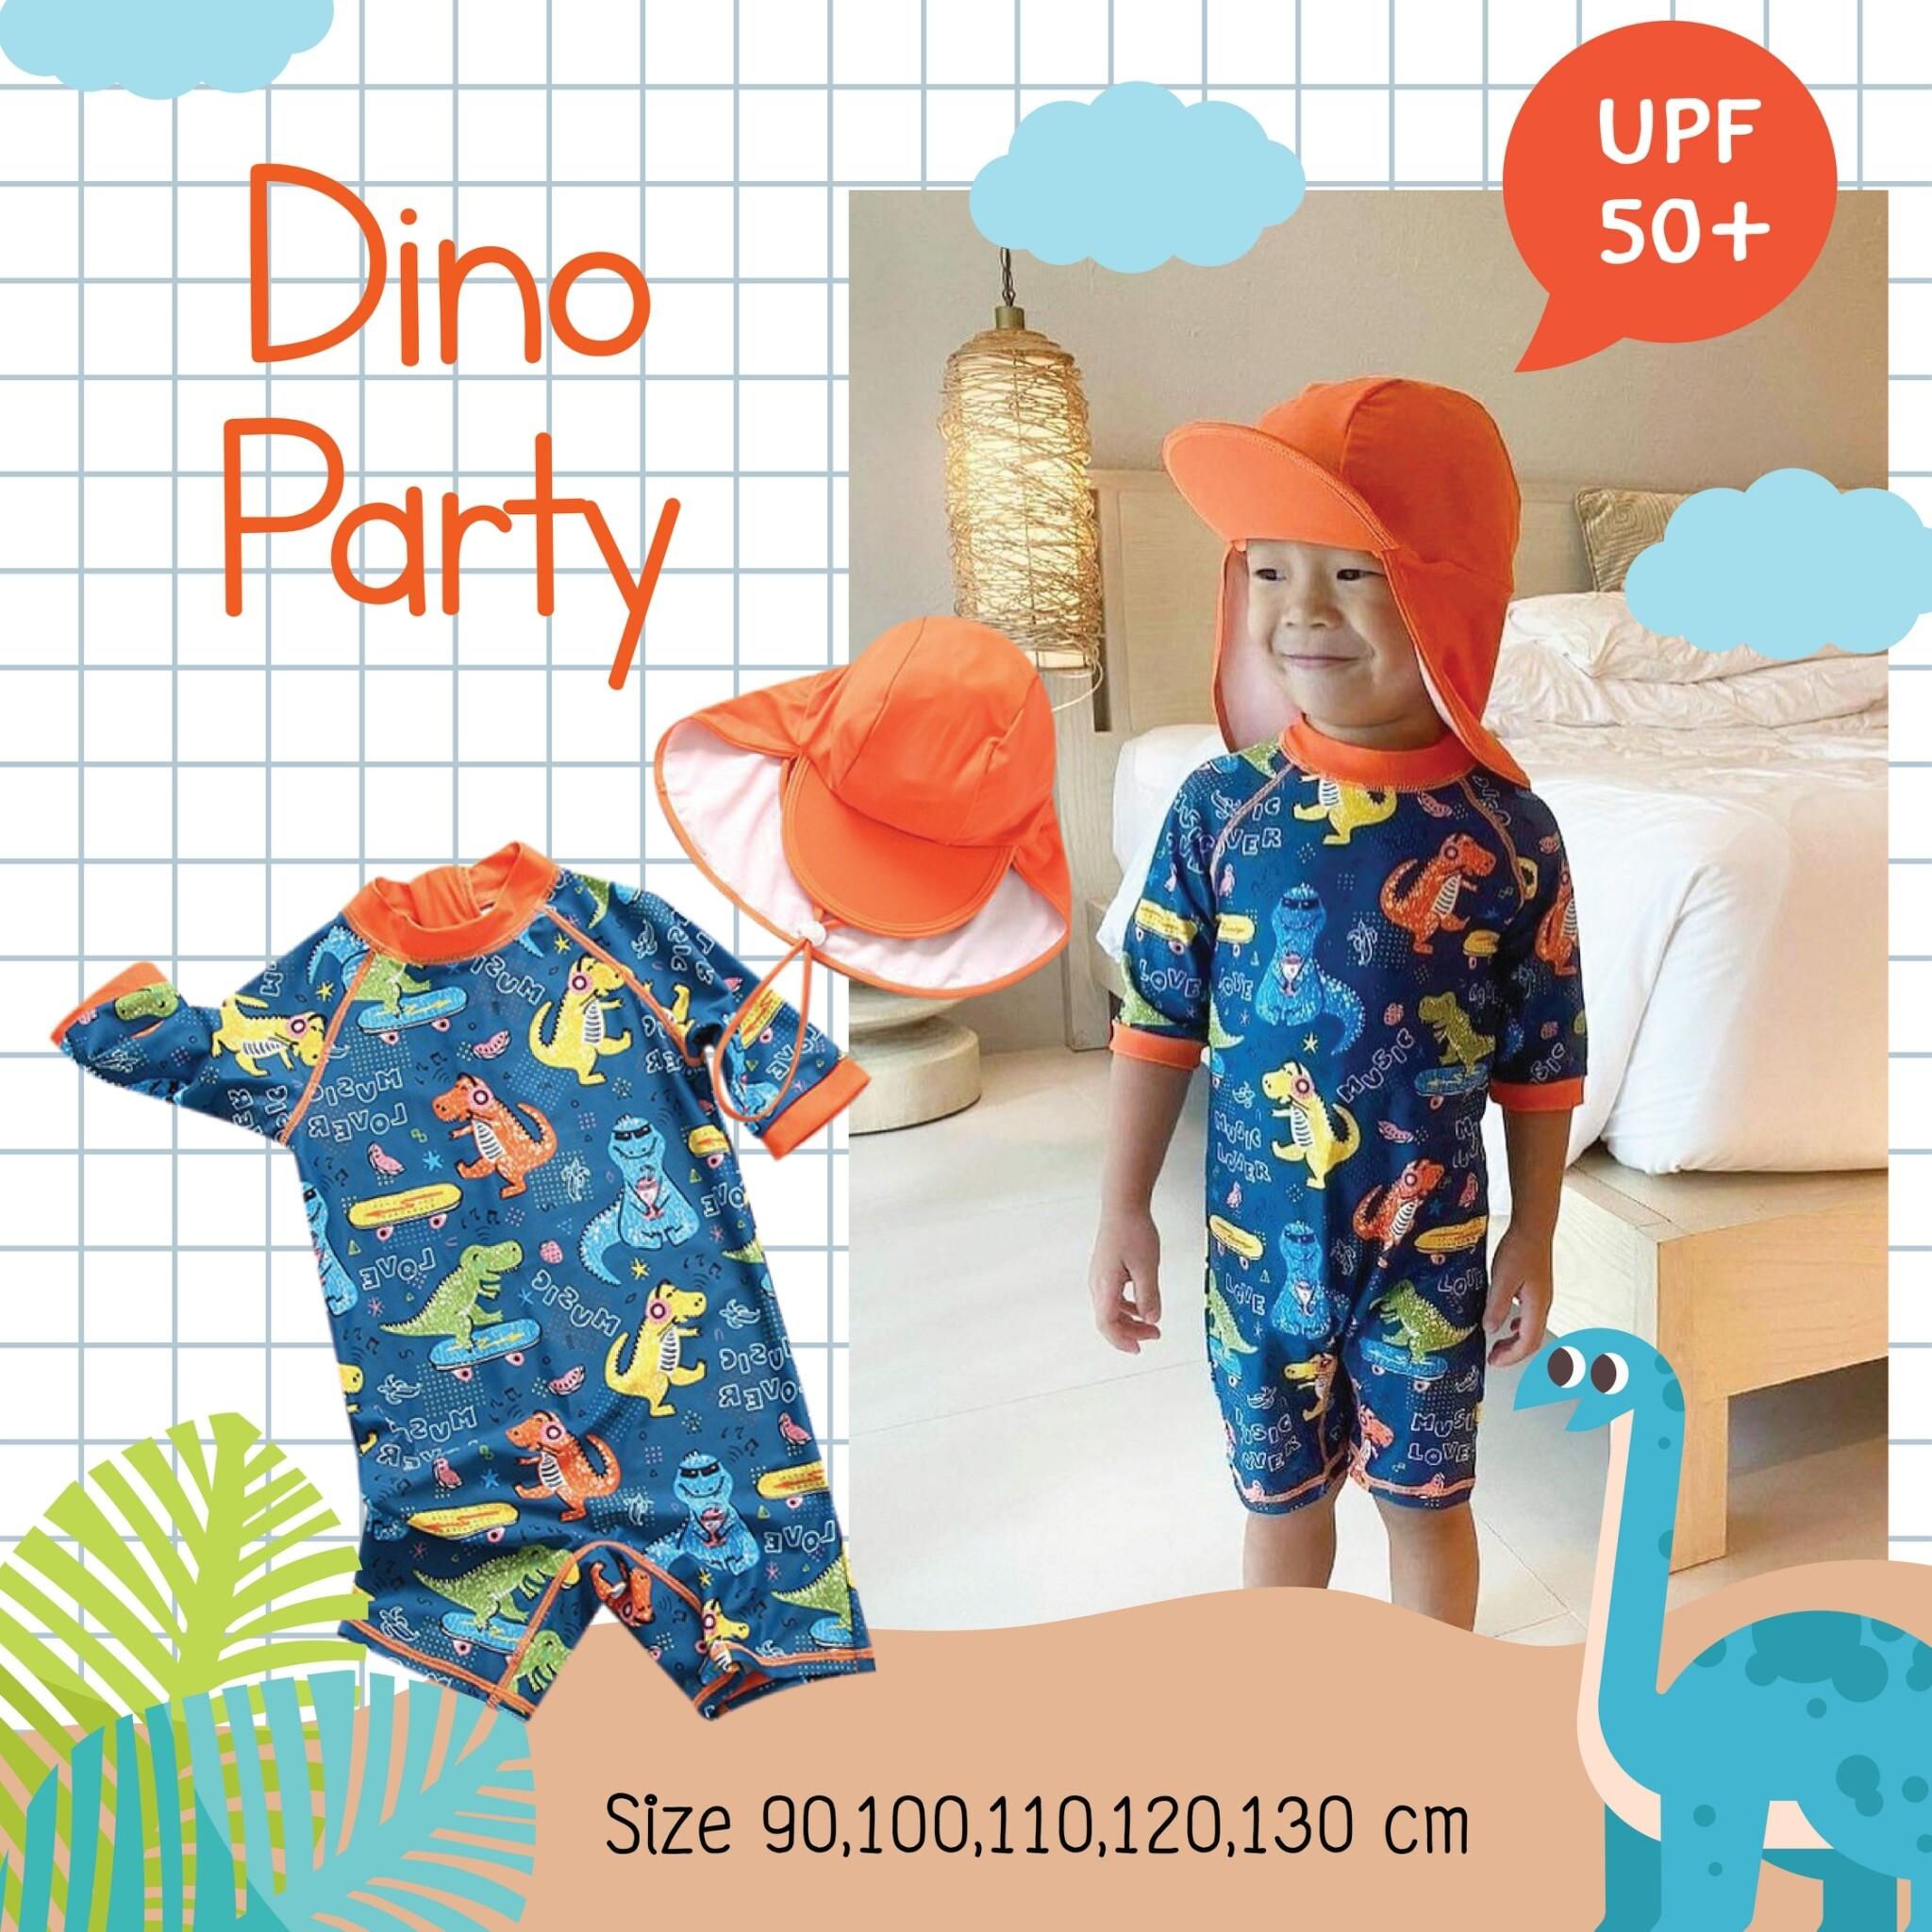 ราคา Uwae ชุดว่ายน้ำเด็กชายกันยูวี ไดโน แดนซ์ สีน้ำเงิน พร้อมหมวก รุ่น UV100